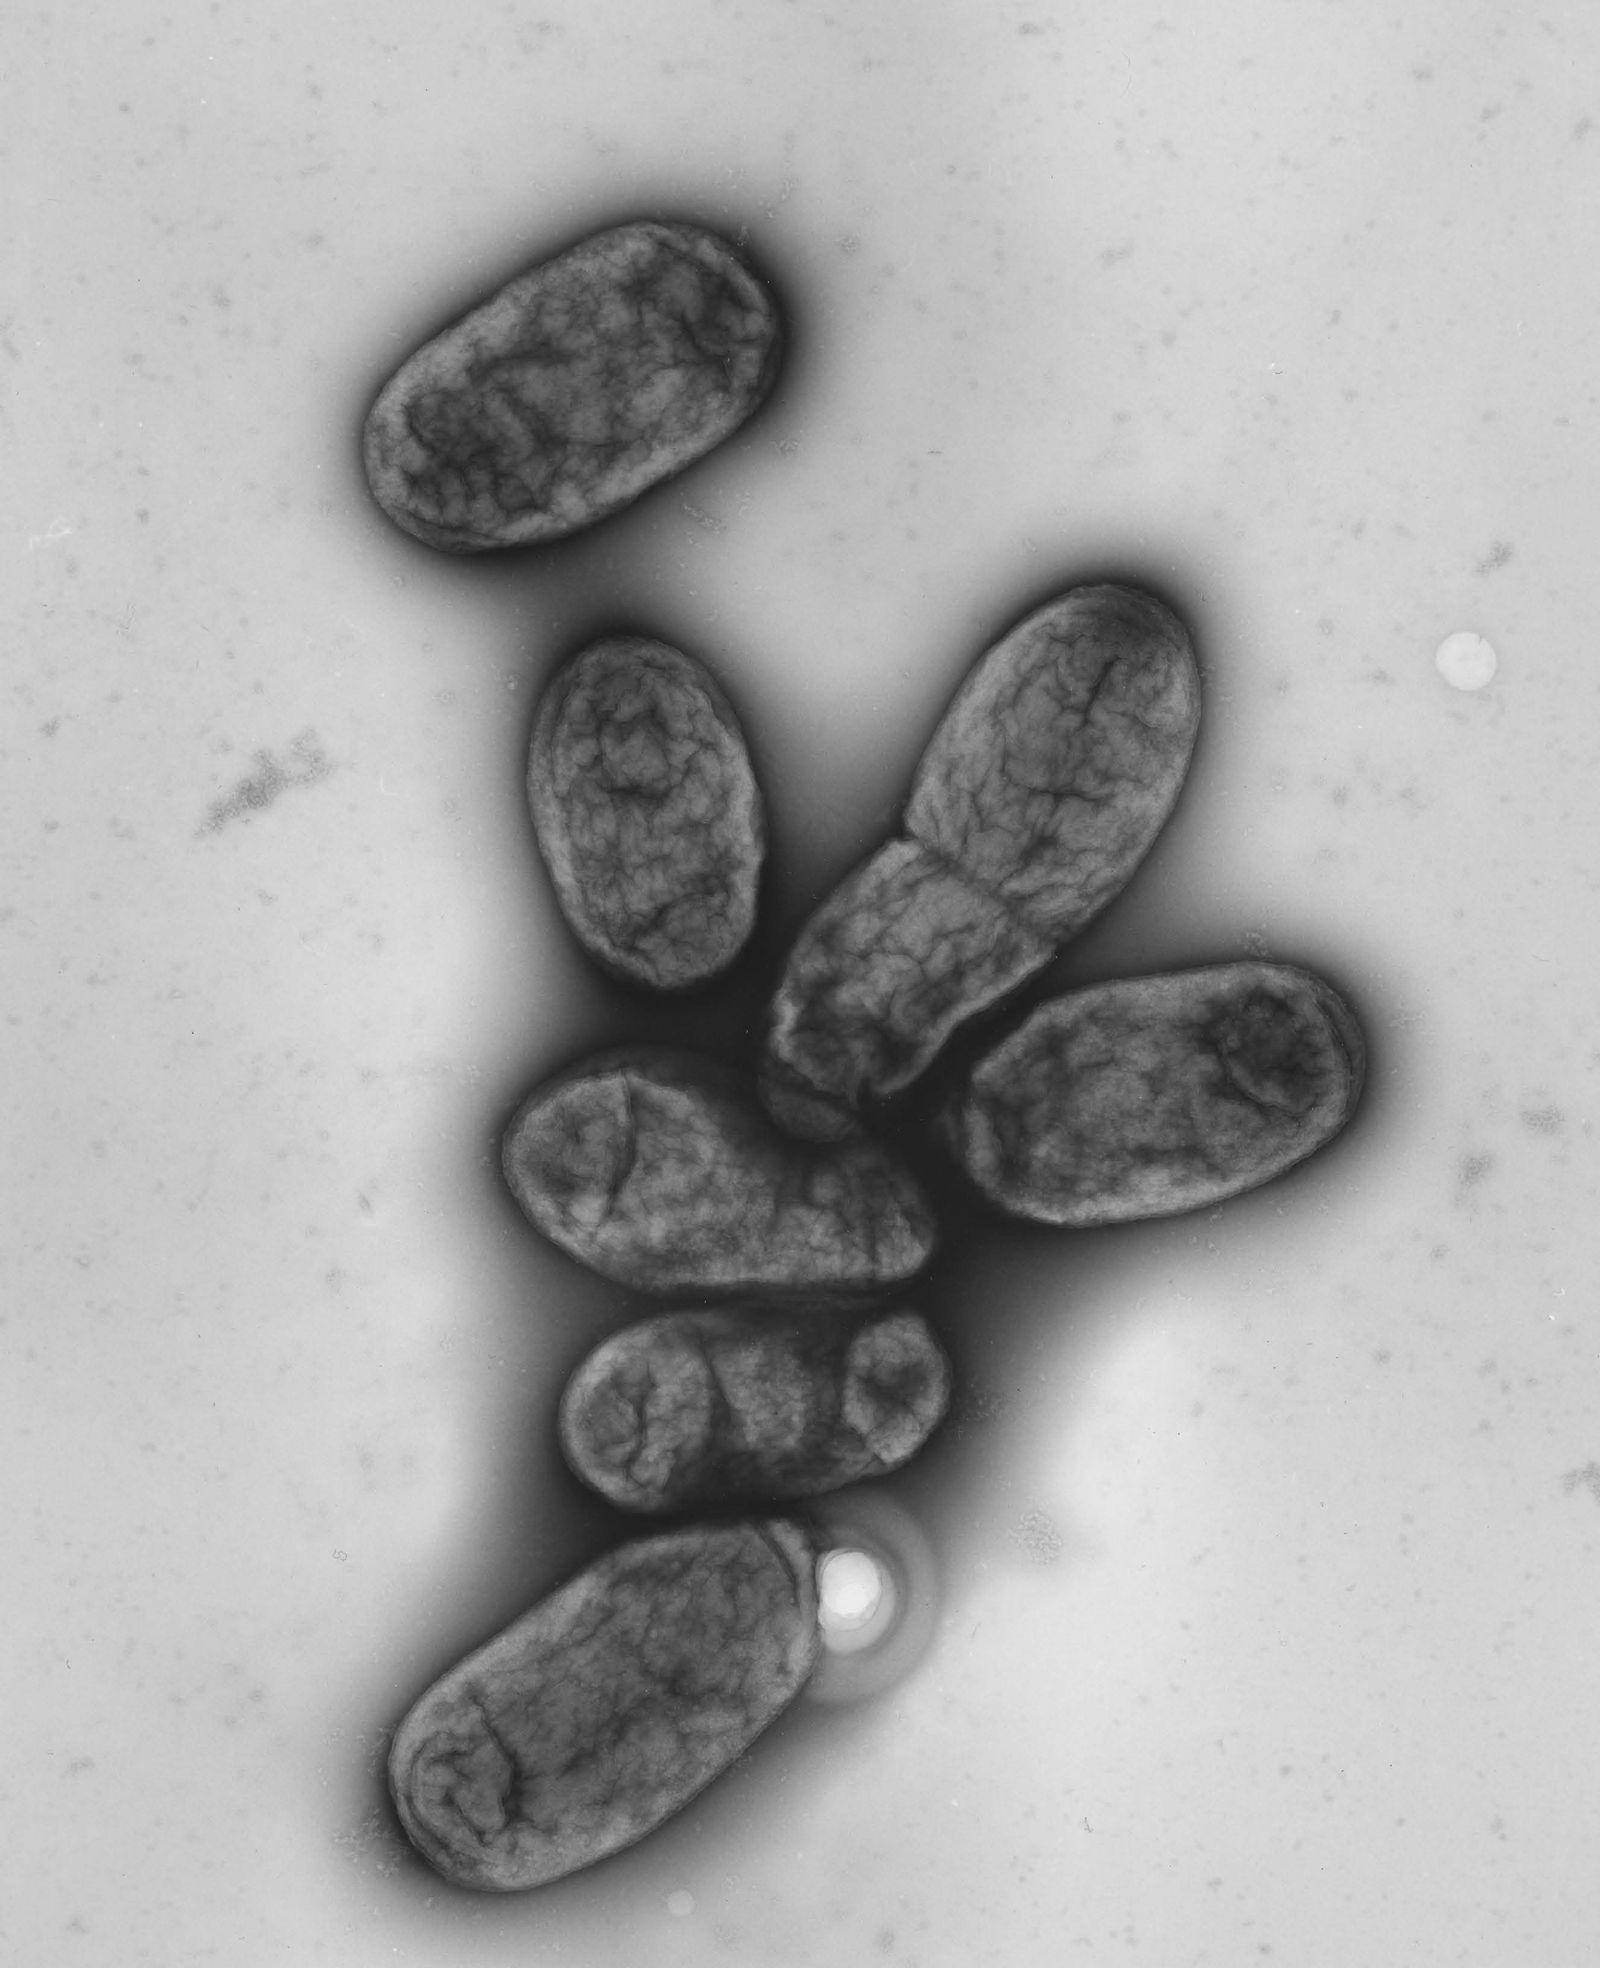 Pest Bakterien